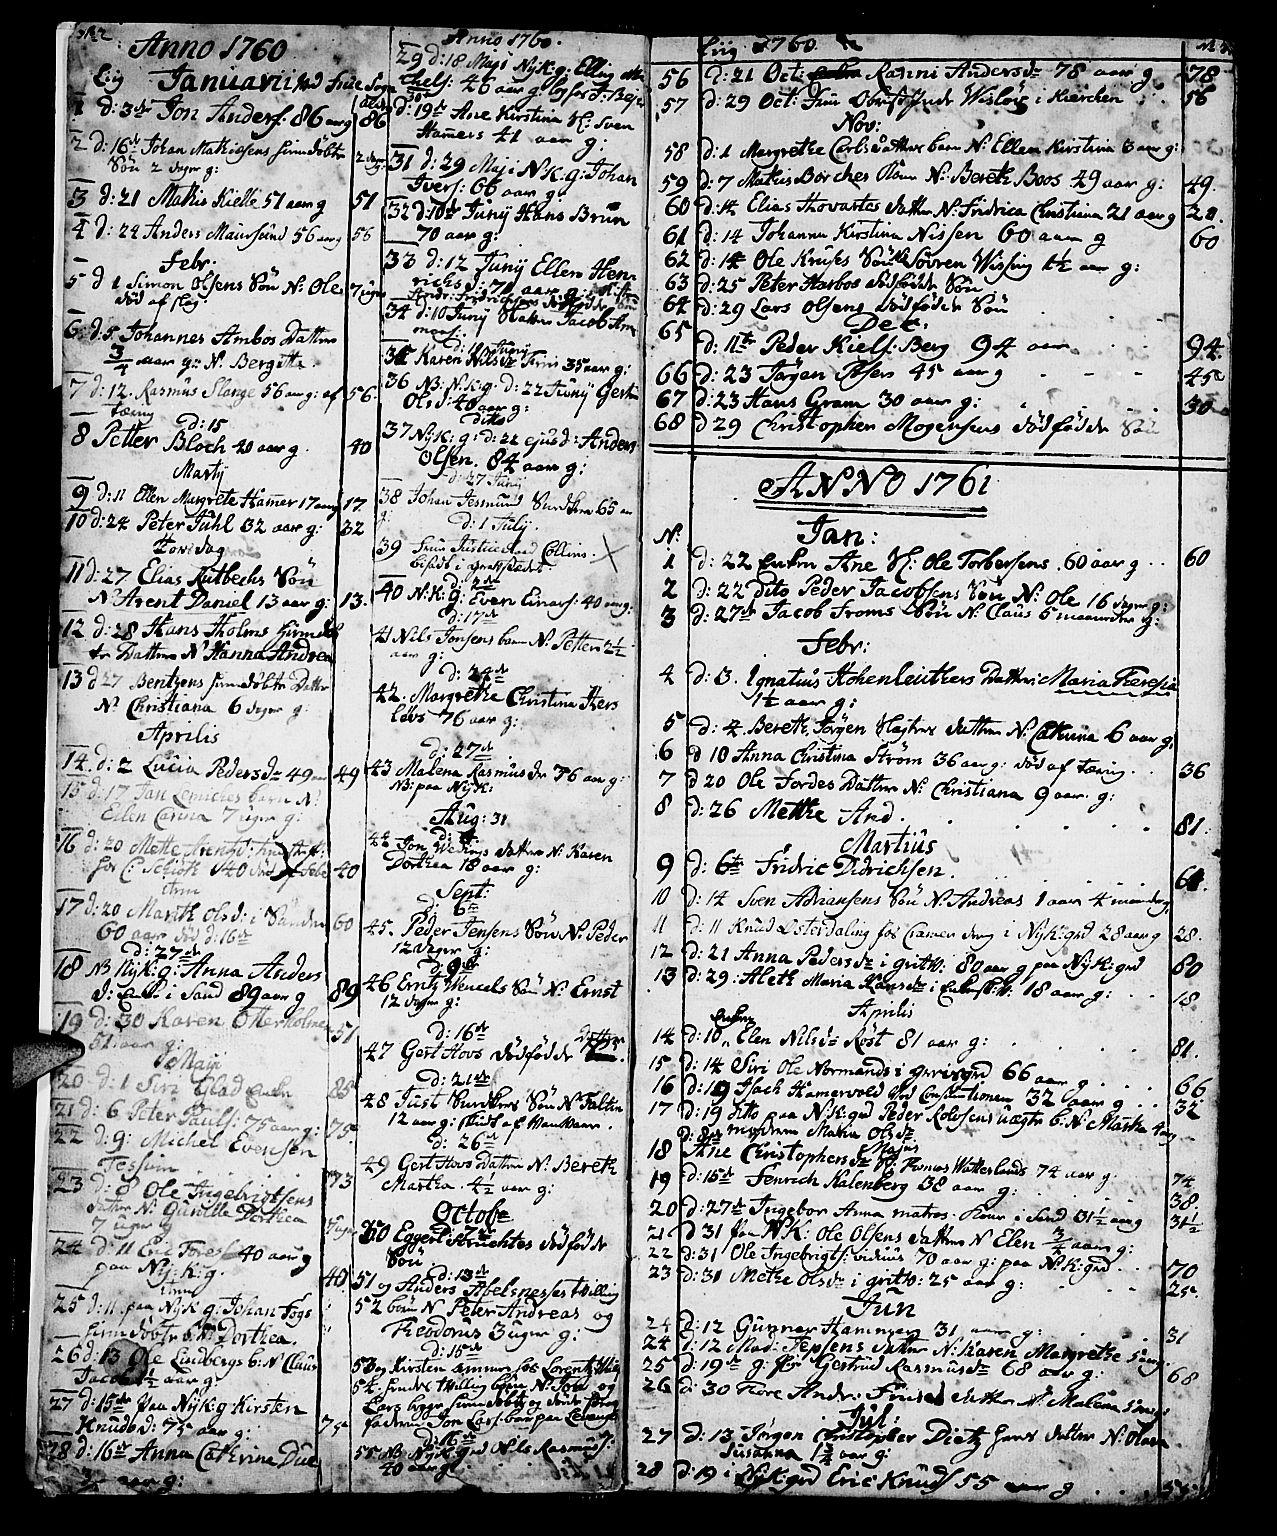 SAT, Ministerialprotokoller, klokkerbøker og fødselsregistre - Sør-Trøndelag, 602/L0134: Klokkerbok nr. 602C02, 1759-1812, s. 2-3